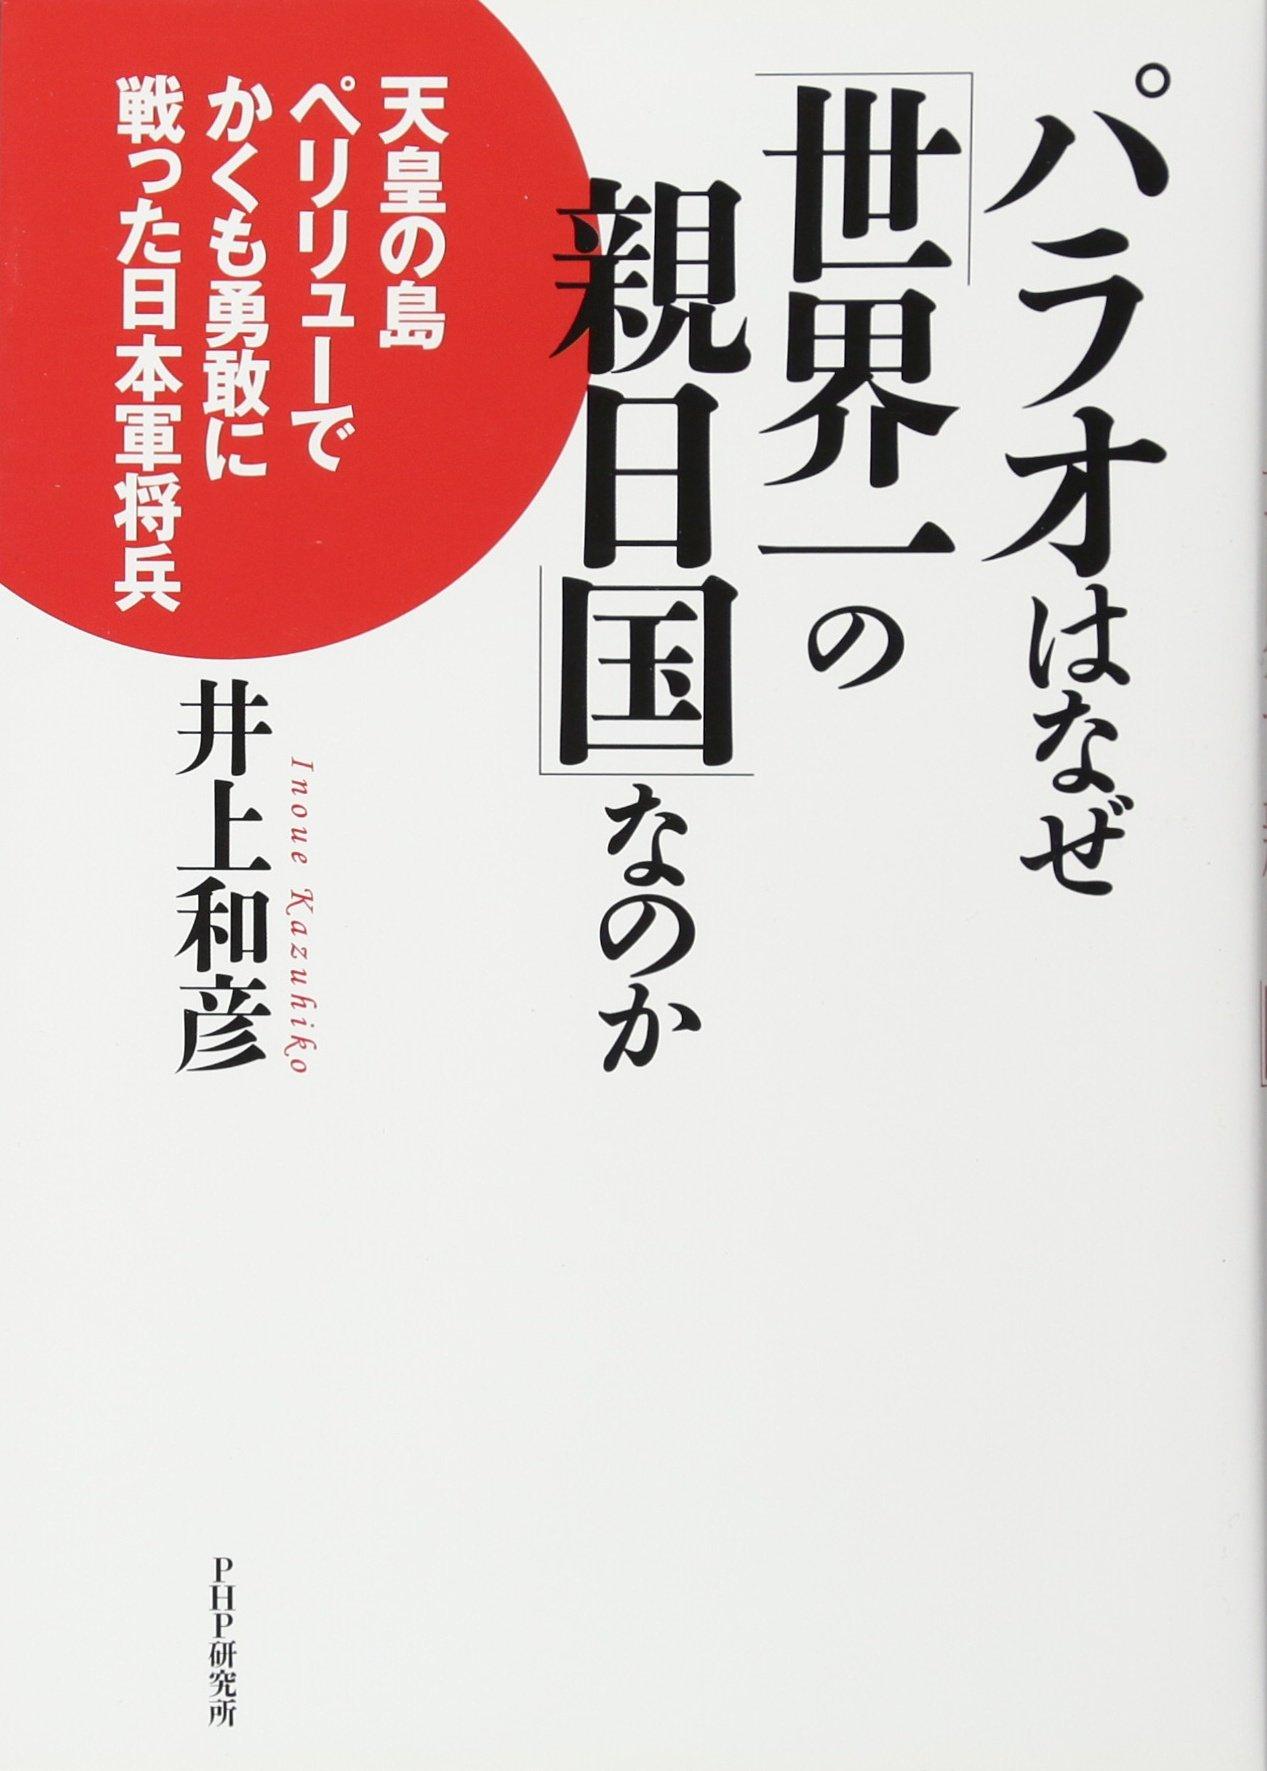 国 一覧 親日 日本に好感をもっている国ってどこ?世界の親日国10選 |